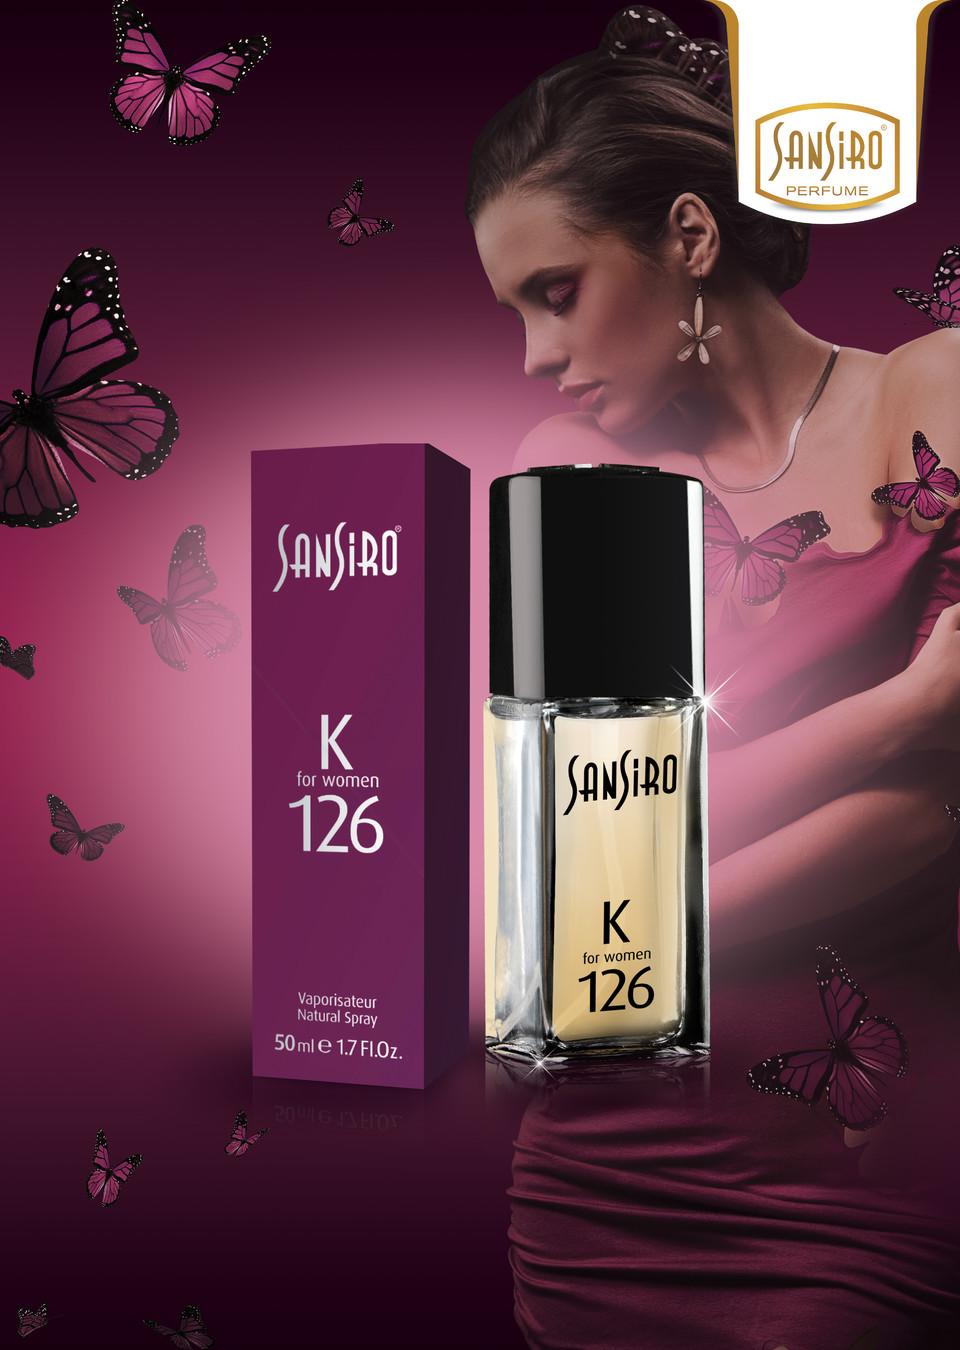 Sansiro Perfume - For Women - Eifor Woman (K126)